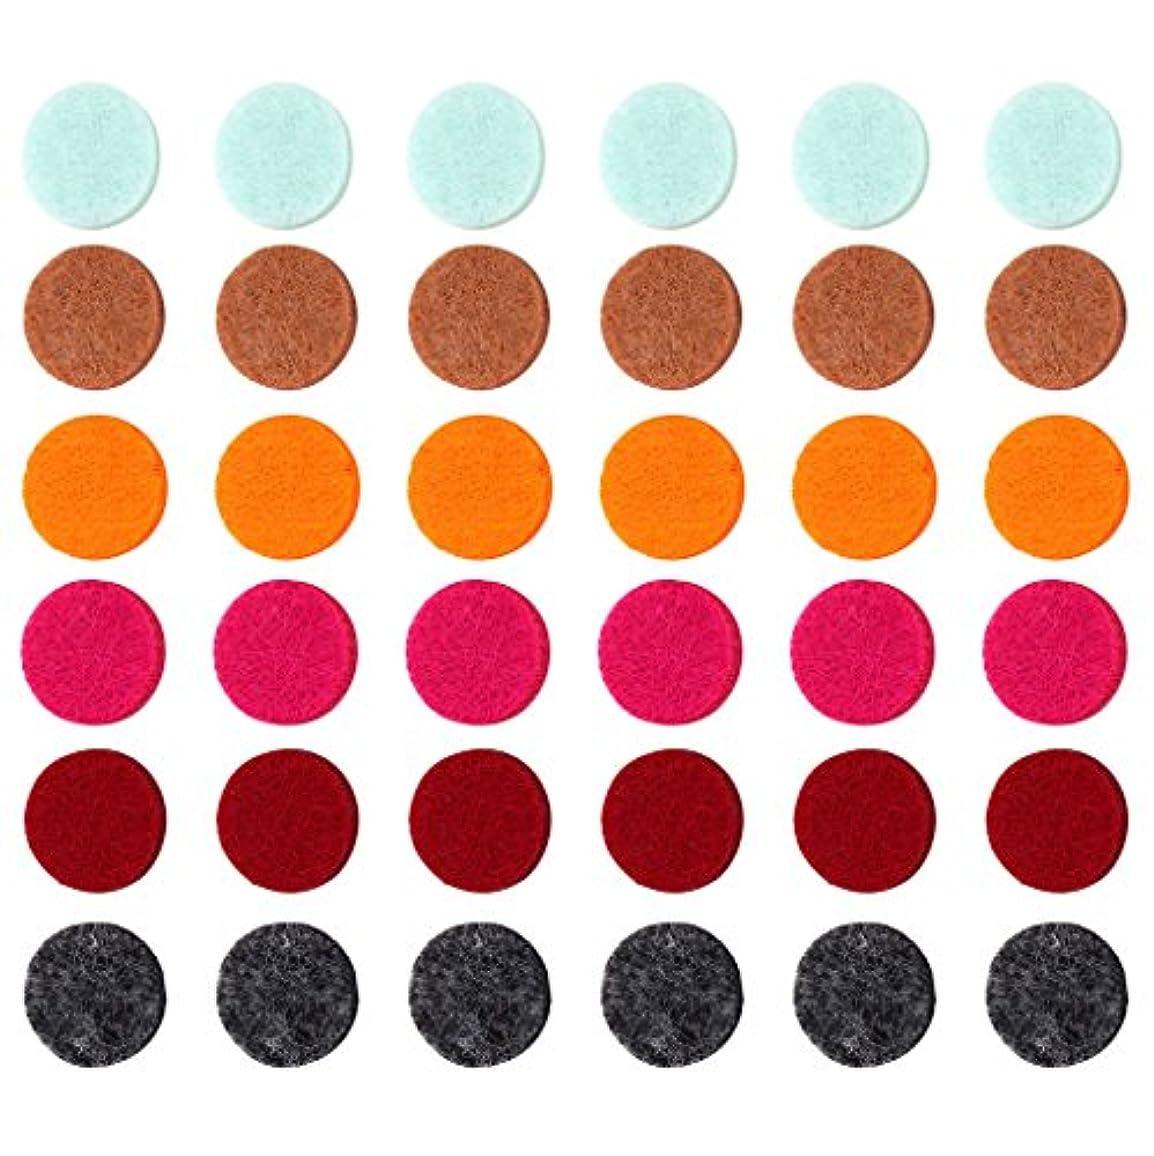 依存する上に築きます印刷するZYsta 36個Refill Pads for Aromatherapy Essential Oil Diffuserロケットネックレス、交換用パッド: Thickened/洗濯可能/高吸水性のアロマディフューザーペンダント